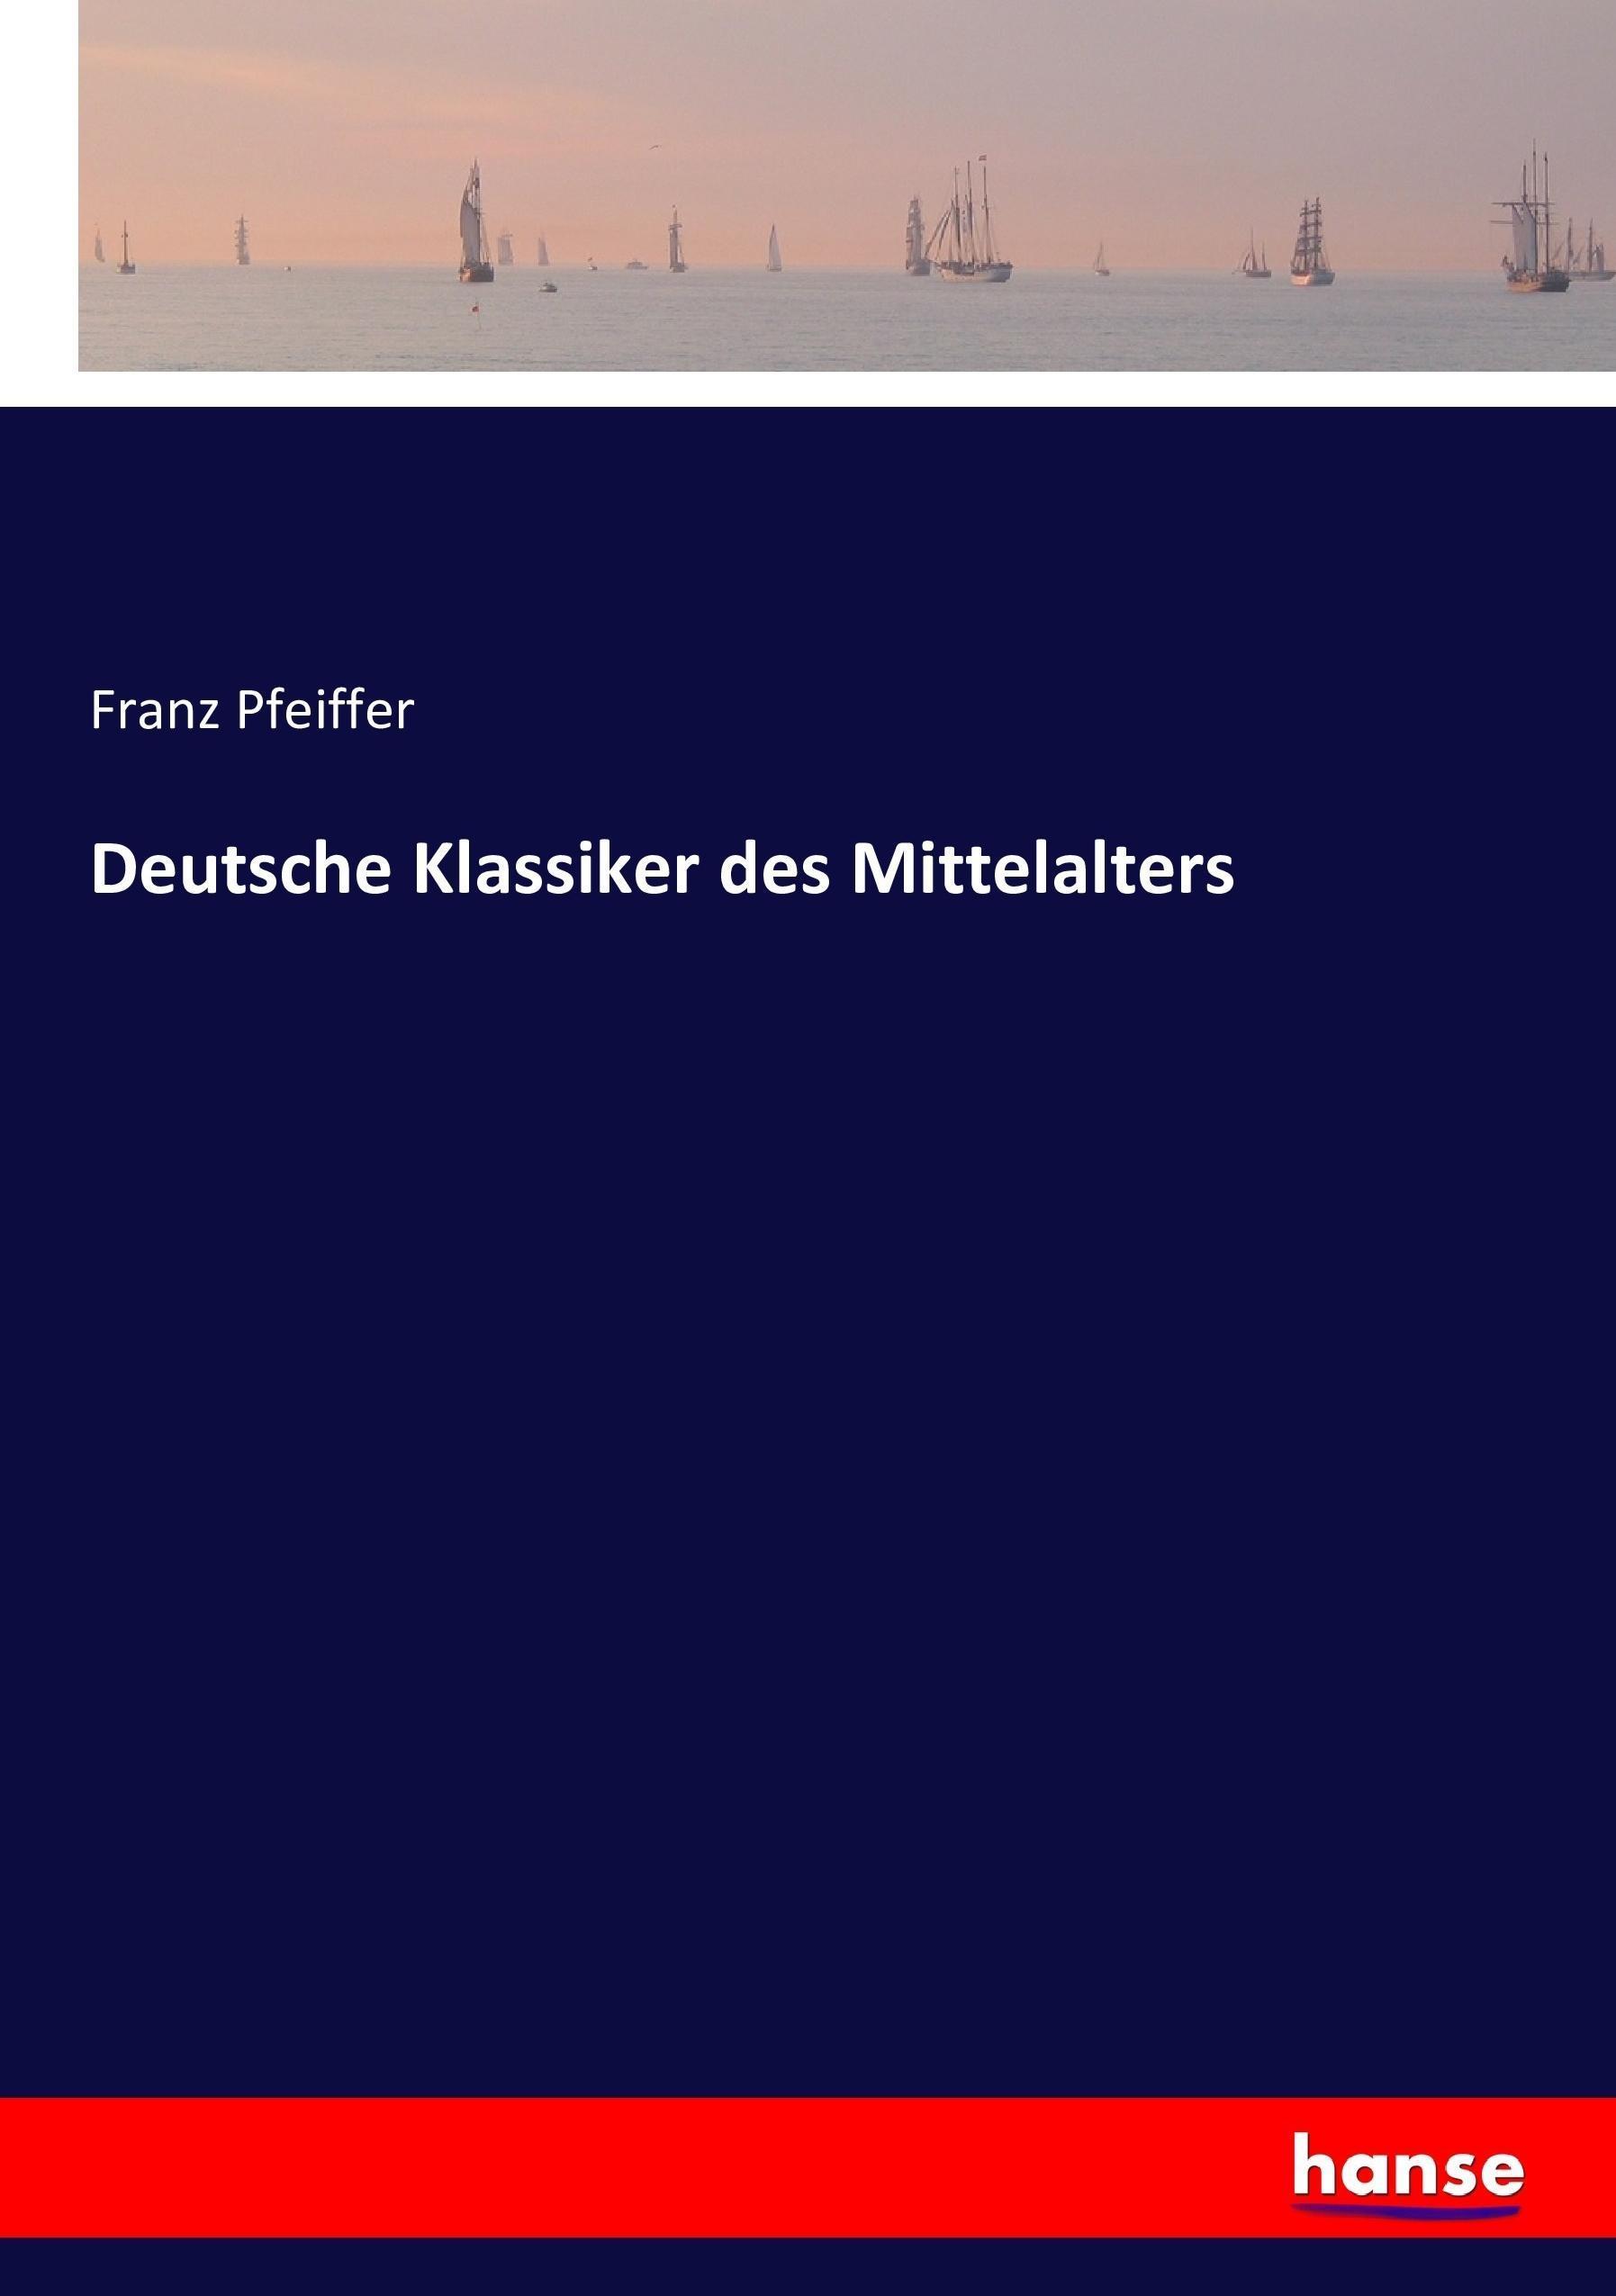 Deutsche Klassiker des Mittelalters - Franz Pfeiffer -  9783743388031